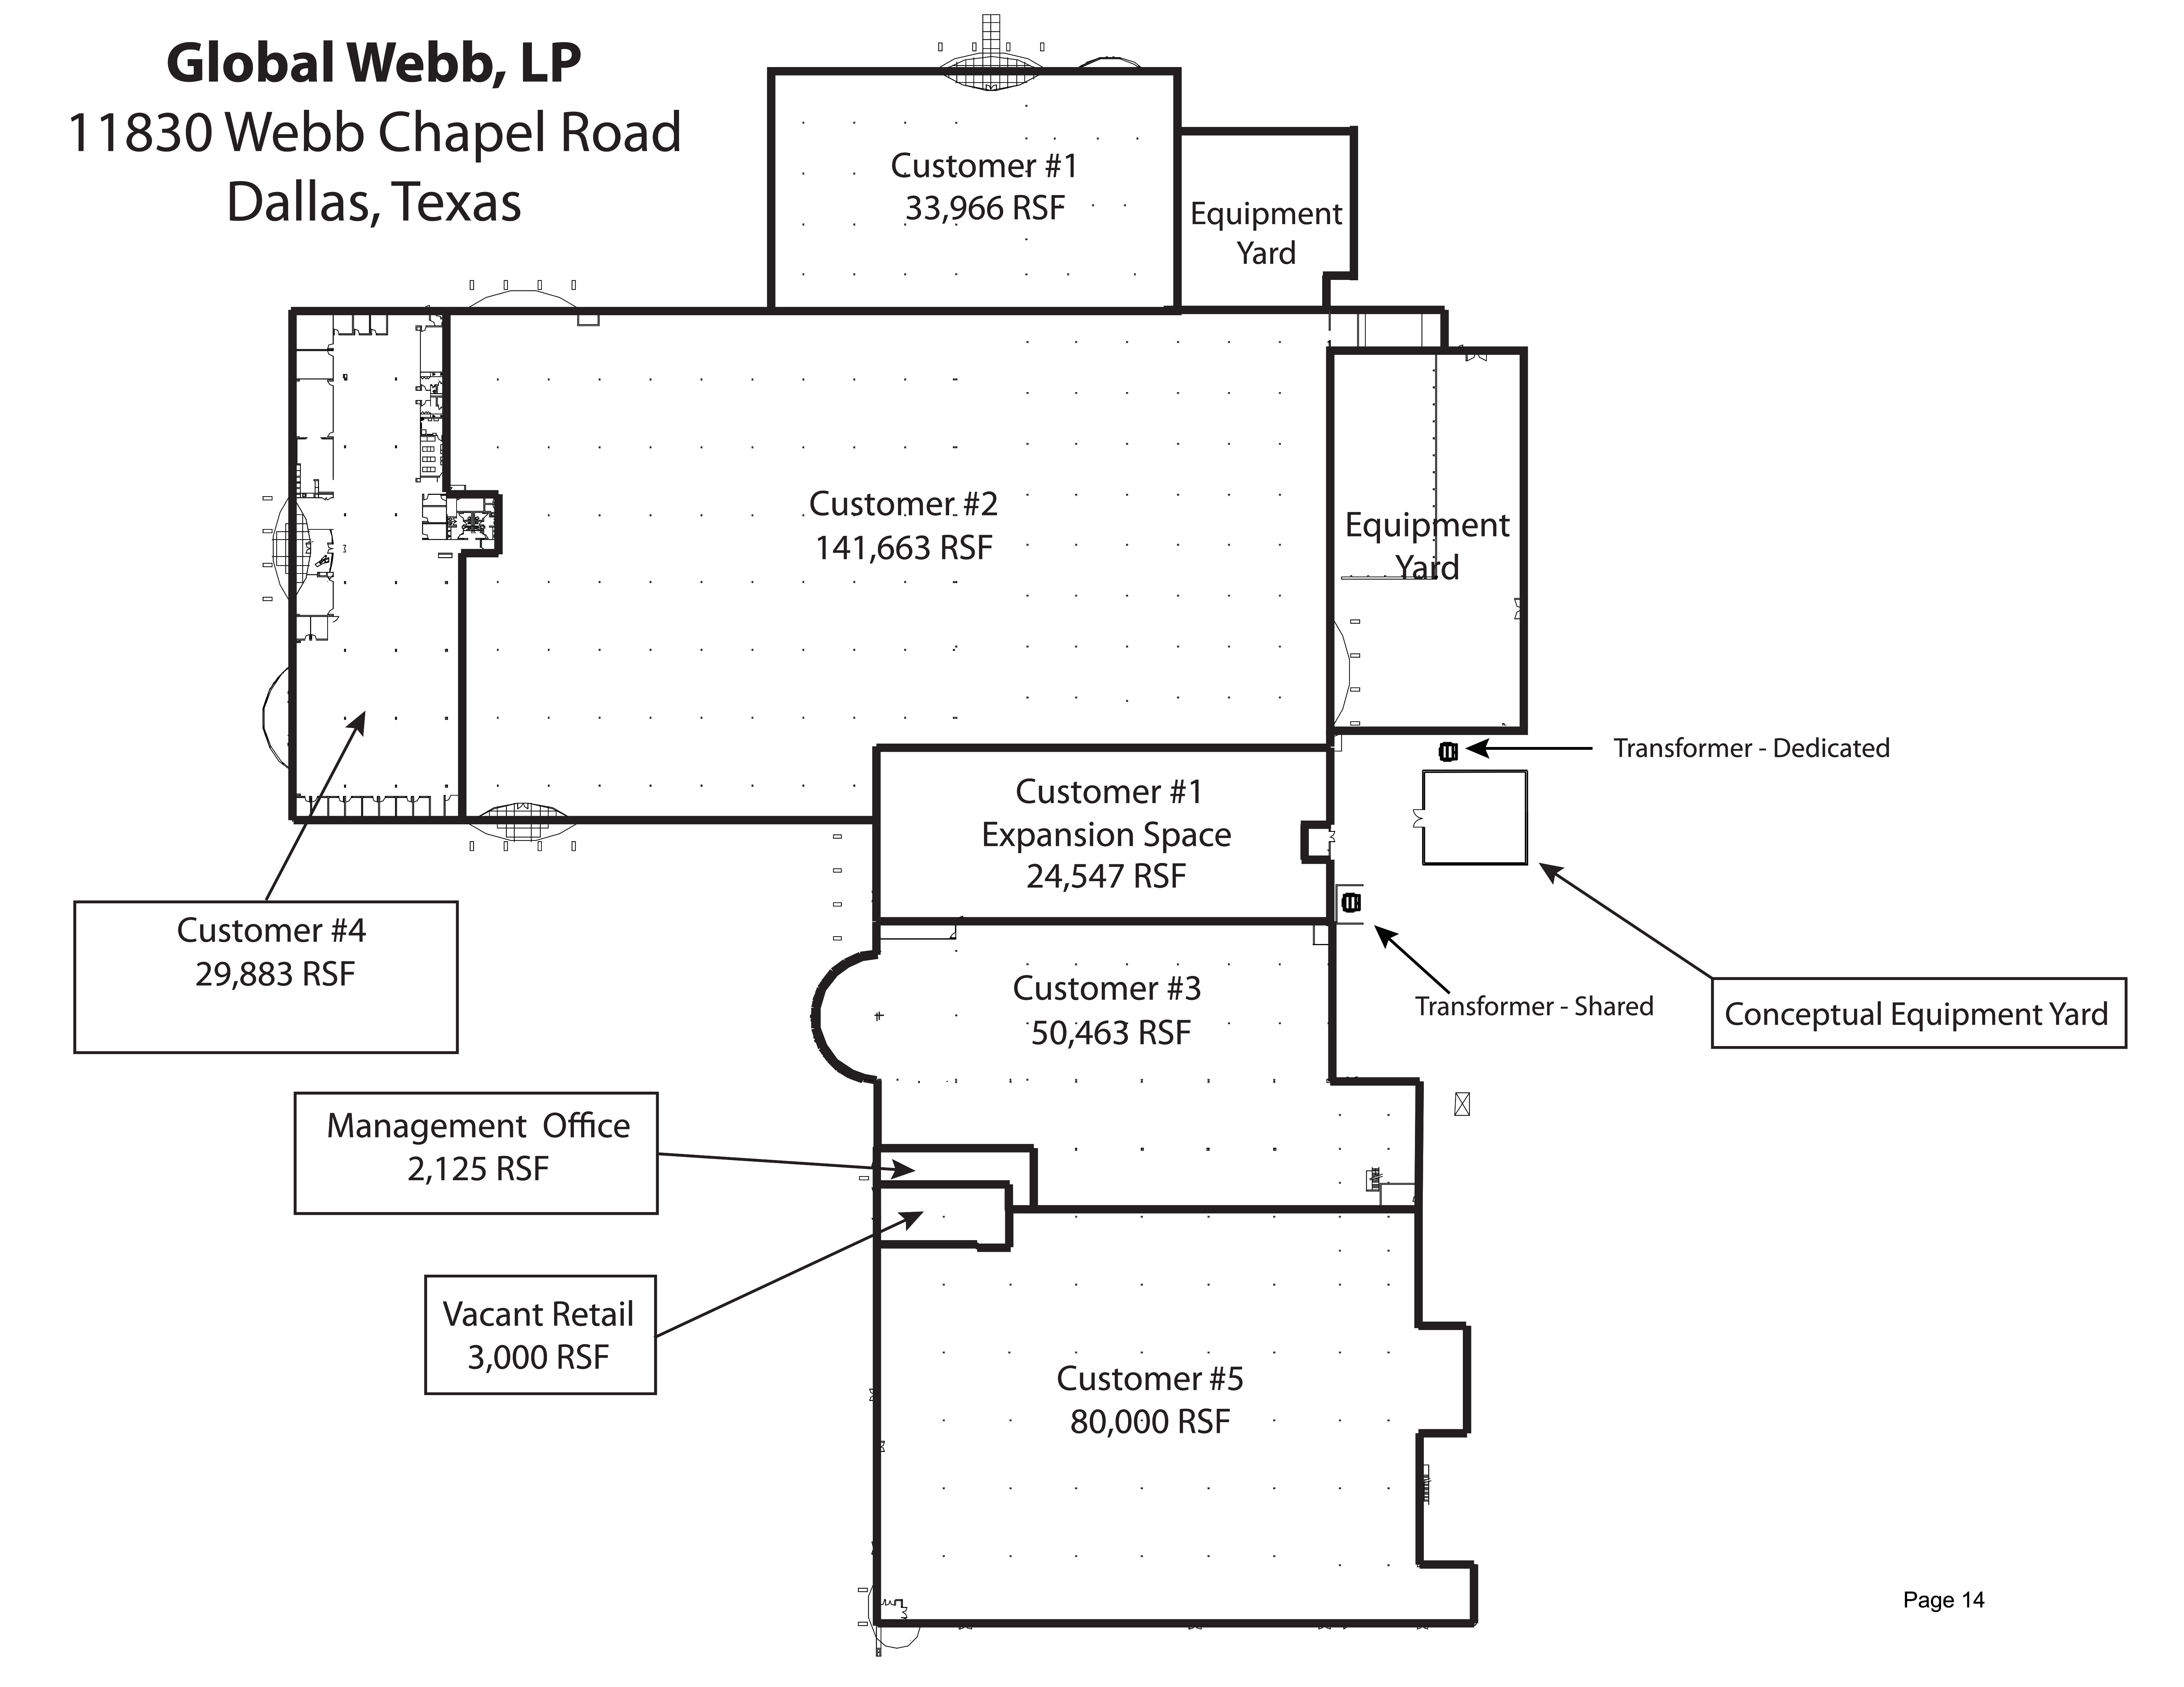 11830 Webb Chapel Road: site plan